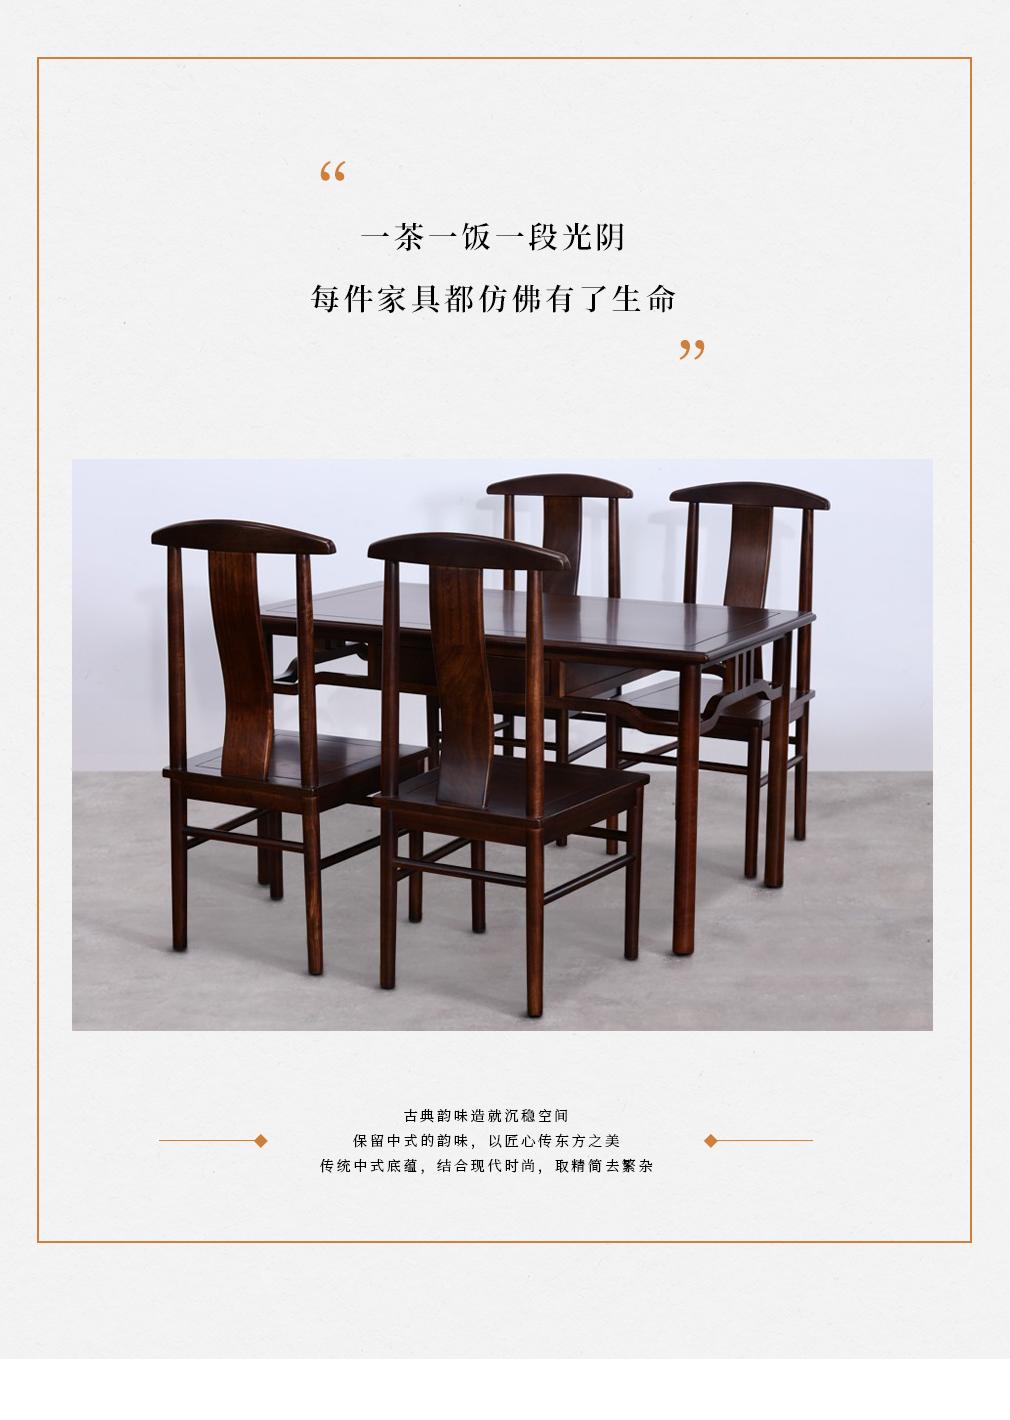 餐桌椅_02.jpg